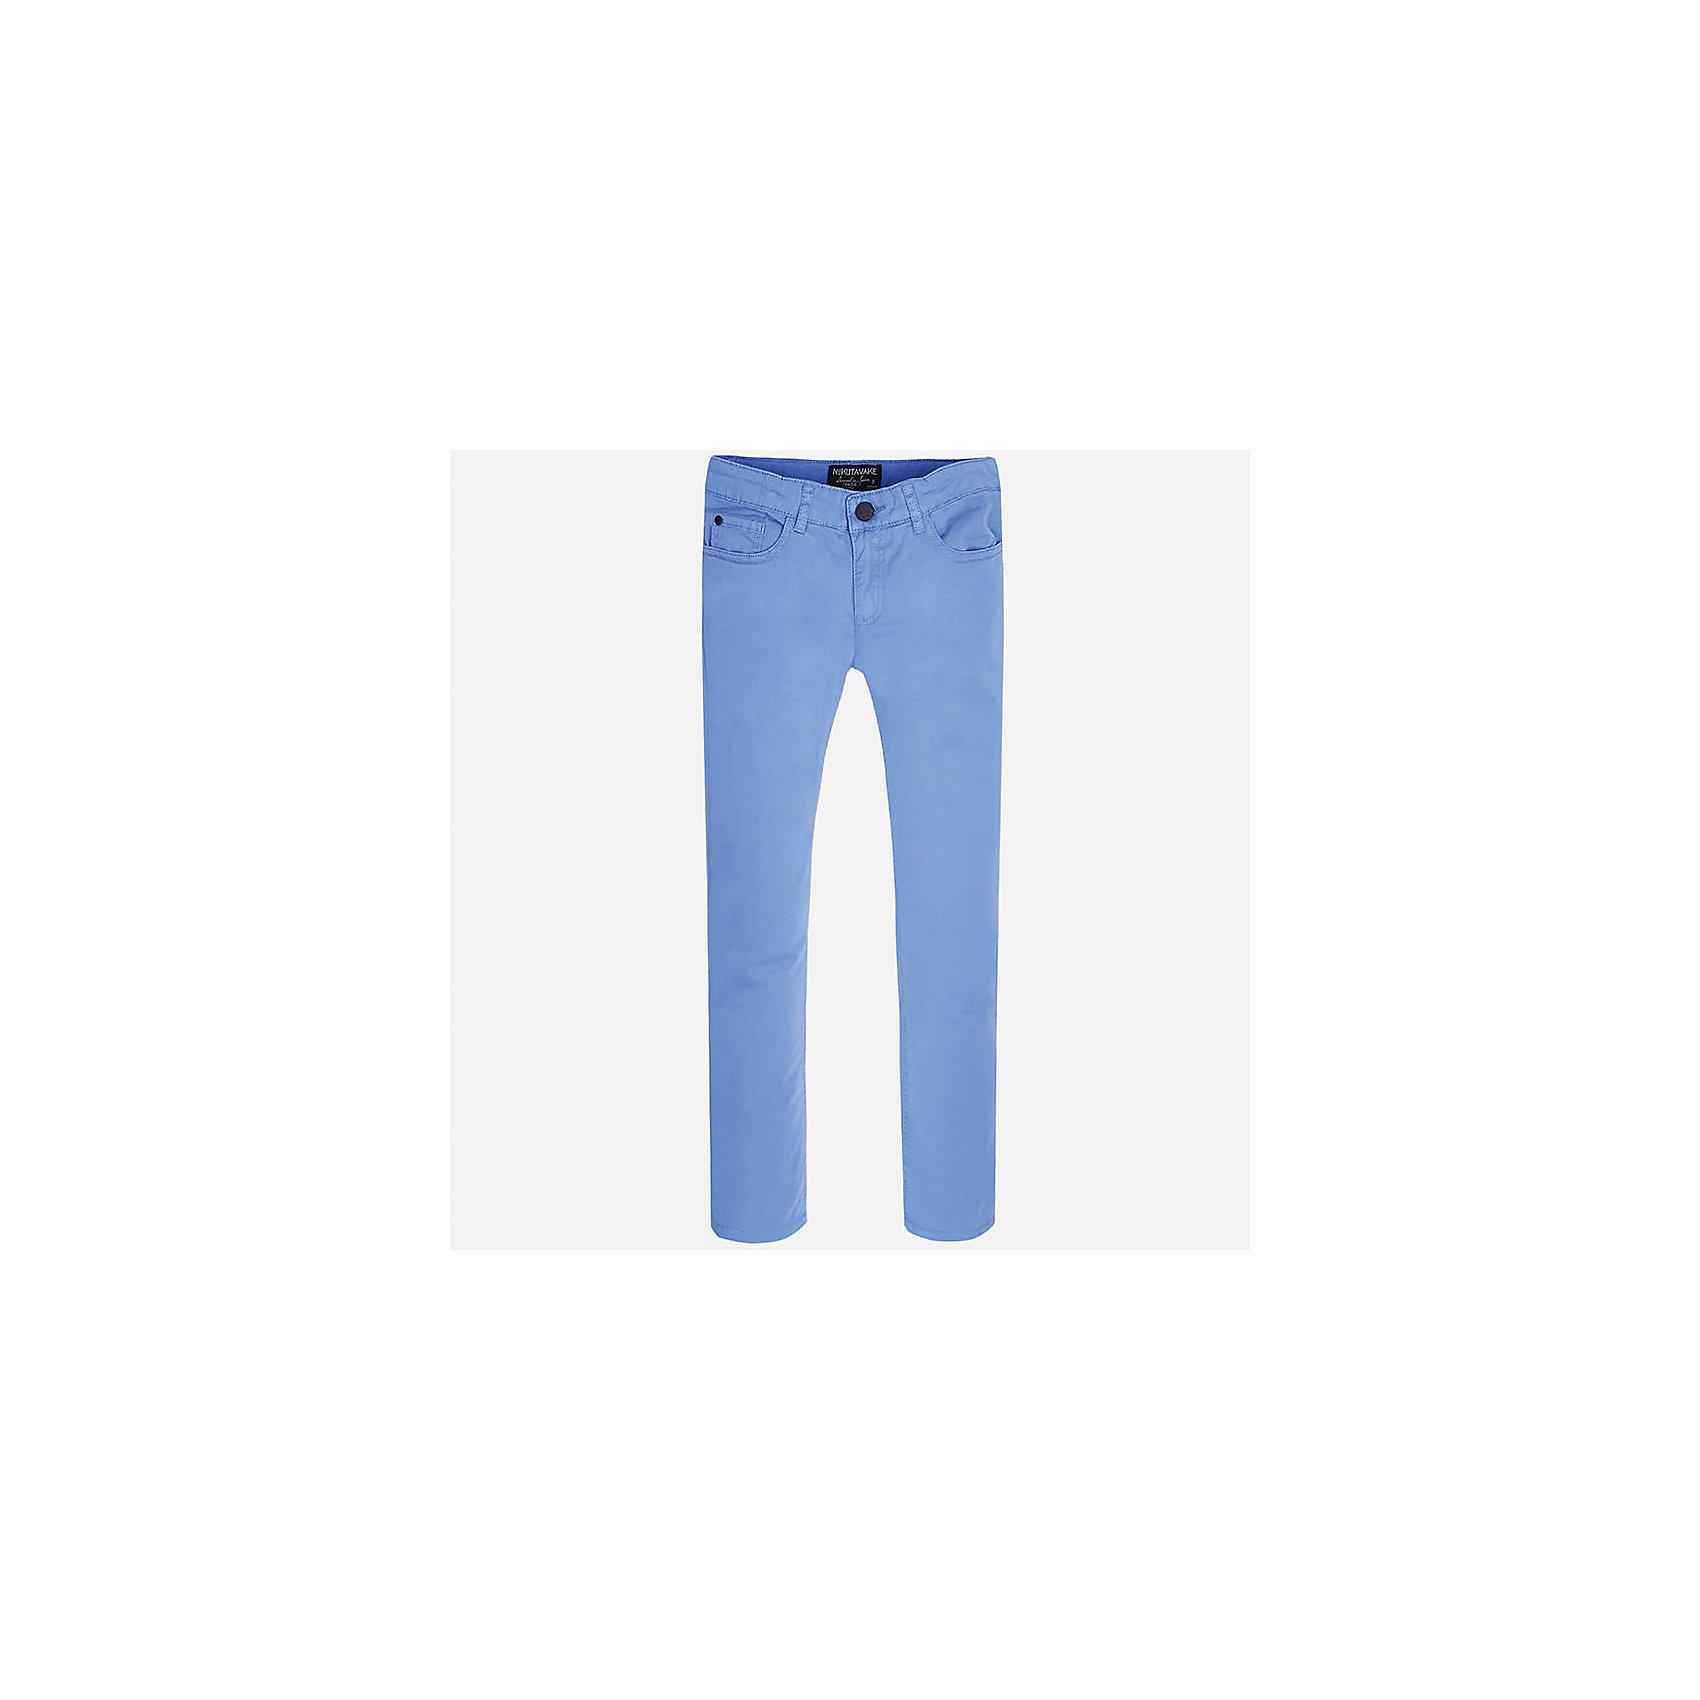 Брюки для мальчика MayoralХарактеристики товара:<br><br>• цвет: голубой<br>• состав: 98% хлопок, 2% эластан<br>• застежка: пуговица<br>• шлевки<br>• карманы<br>• пояс с регулировкой размера<br>• классический силуэт<br>• страна бренда: Испания<br><br>Стильные и удобные брюки для мальчика смогут стать базовой вещью в гардеробе ребенка. Они отлично сочетаются с майками, футболками, рубашками и т.д. Универсальный крой и цвет позволяет подобрать к вещи верх разных расцветок. Практичное и стильное изделие! В составе материала - натуральный хлопок, гипоаллергенный, приятный на ощупь, дышащий.<br><br>Одежда, обувь и аксессуары от испанского бренда Mayoral полюбились детям и взрослым по всему миру. Модели этой марки - стильные и удобные. Для их производства используются только безопасные, качественные материалы и фурнитура. Порадуйте ребенка модными и красивыми вещами от Mayoral! <br><br>Брюки для мальчика от испанского бренда Mayoral (Майорал) можно купить в нашем интернет-магазине.<br><br>Ширина мм: 215<br>Глубина мм: 88<br>Высота мм: 191<br>Вес г: 336<br>Цвет: голубой<br>Возраст от месяцев: 84<br>Возраст до месяцев: 96<br>Пол: Мужской<br>Возраст: Детский<br>Размер: 128/134,158,170,164,152,140<br>SKU: 5278108